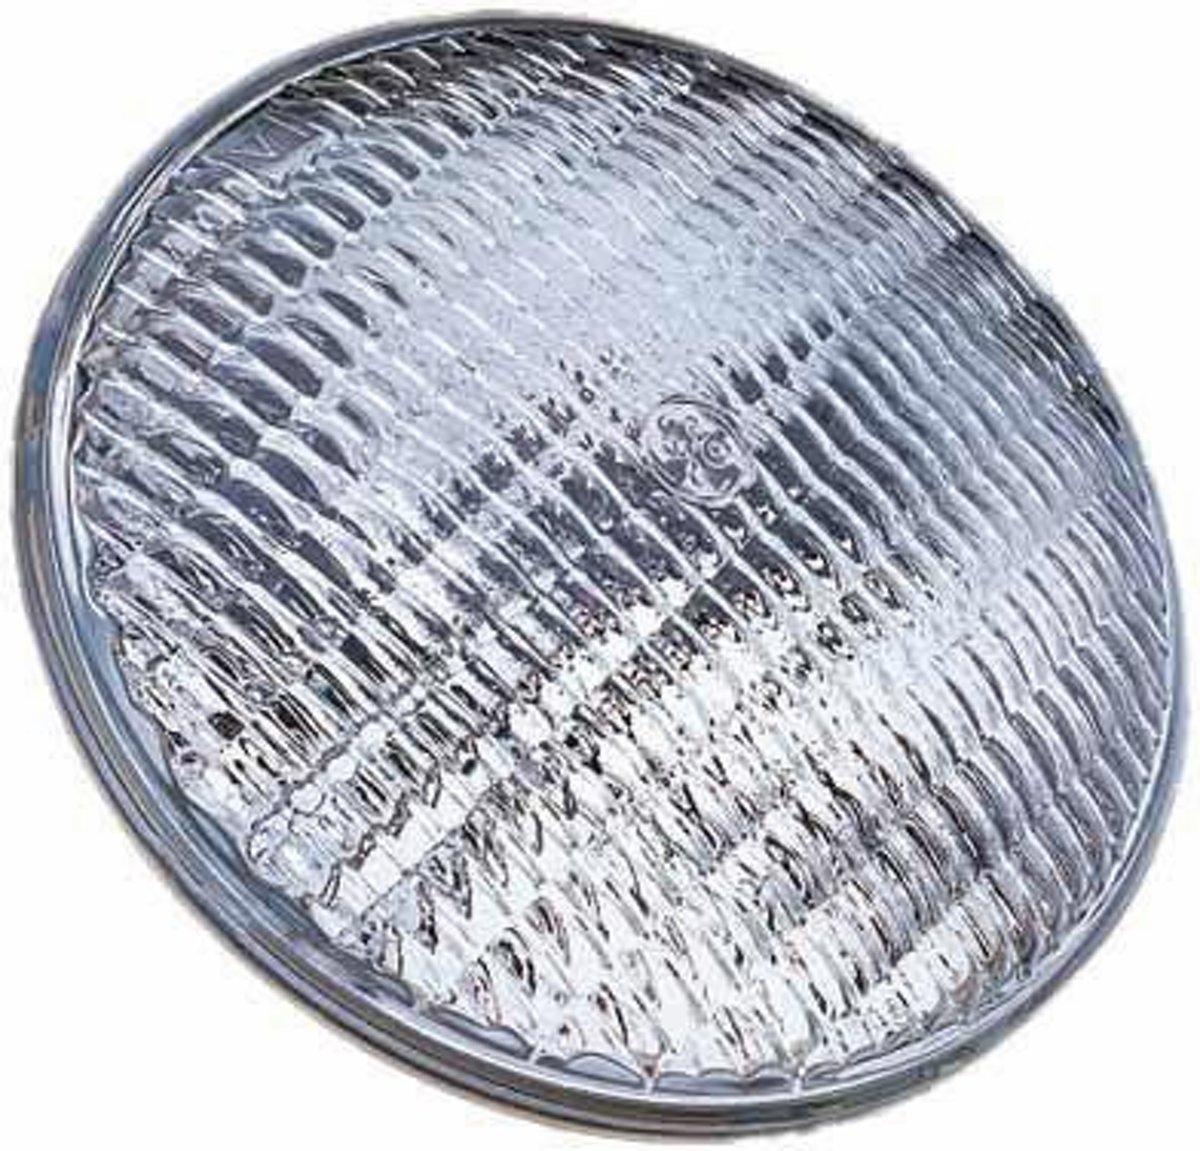 Zwembad Par 56 vervangingslamp 300W/12V standaard (wit)